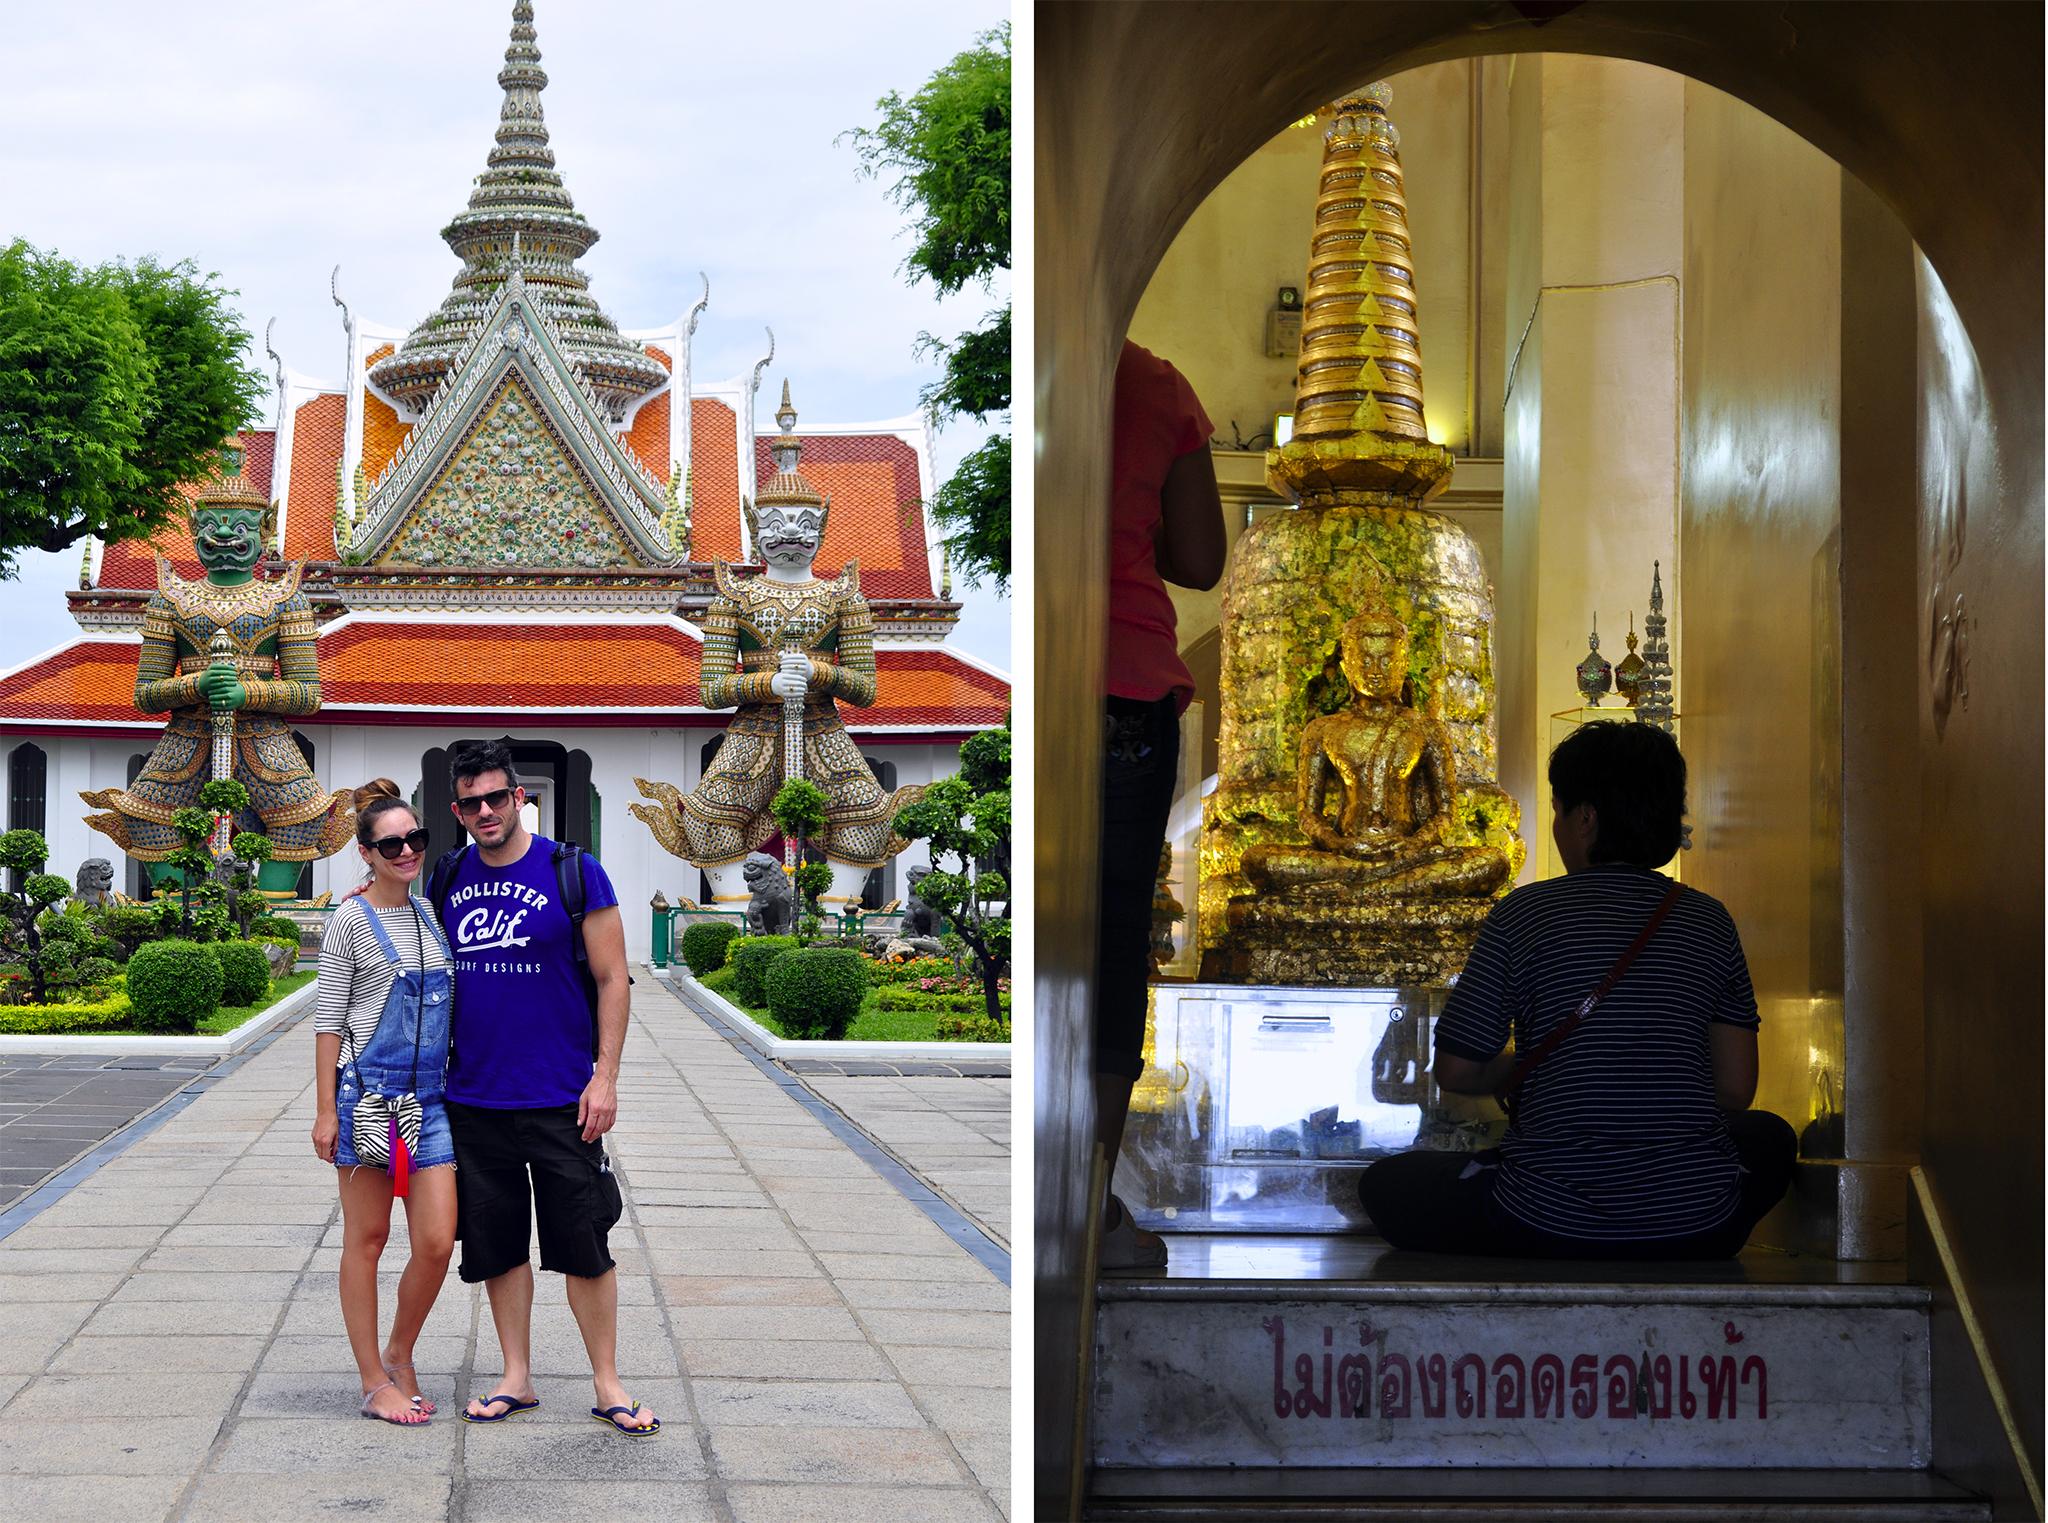 10 cosas que NO debes hacer en Tailandia 10 cosas que no debes hacer en tailandia - 40536742362 ddef44750b o - 10 cosas que NO debes hacer en Tailandia